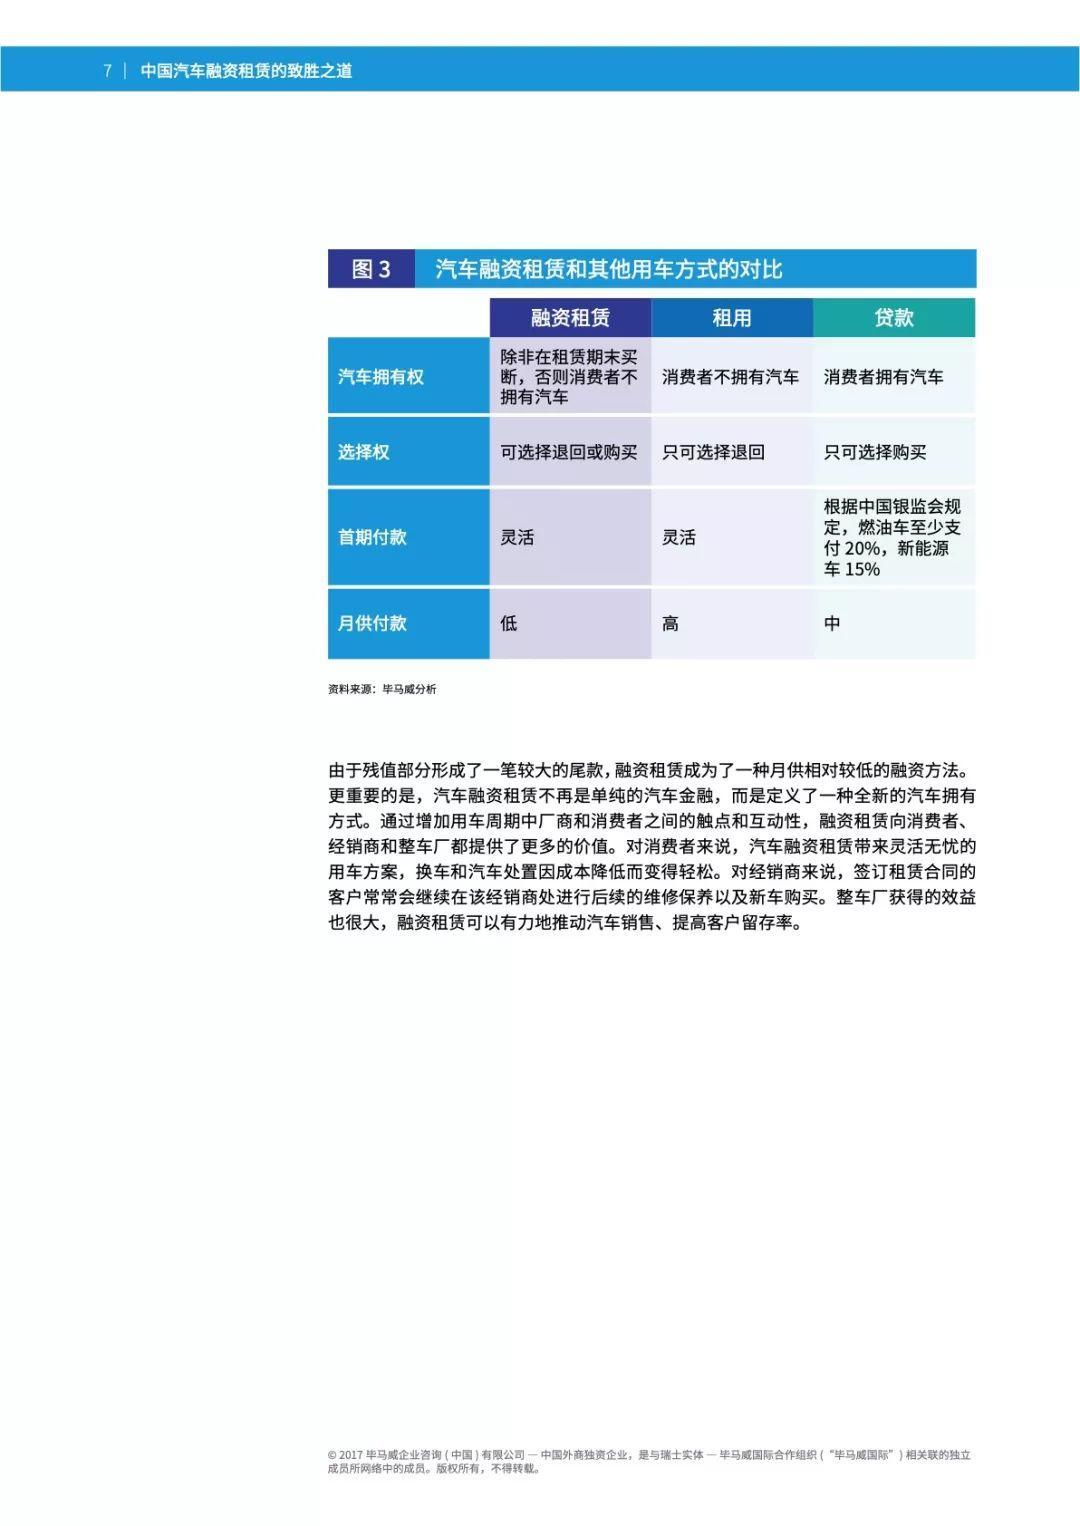 毕马威:中国汽车融资租赁的致胜之道